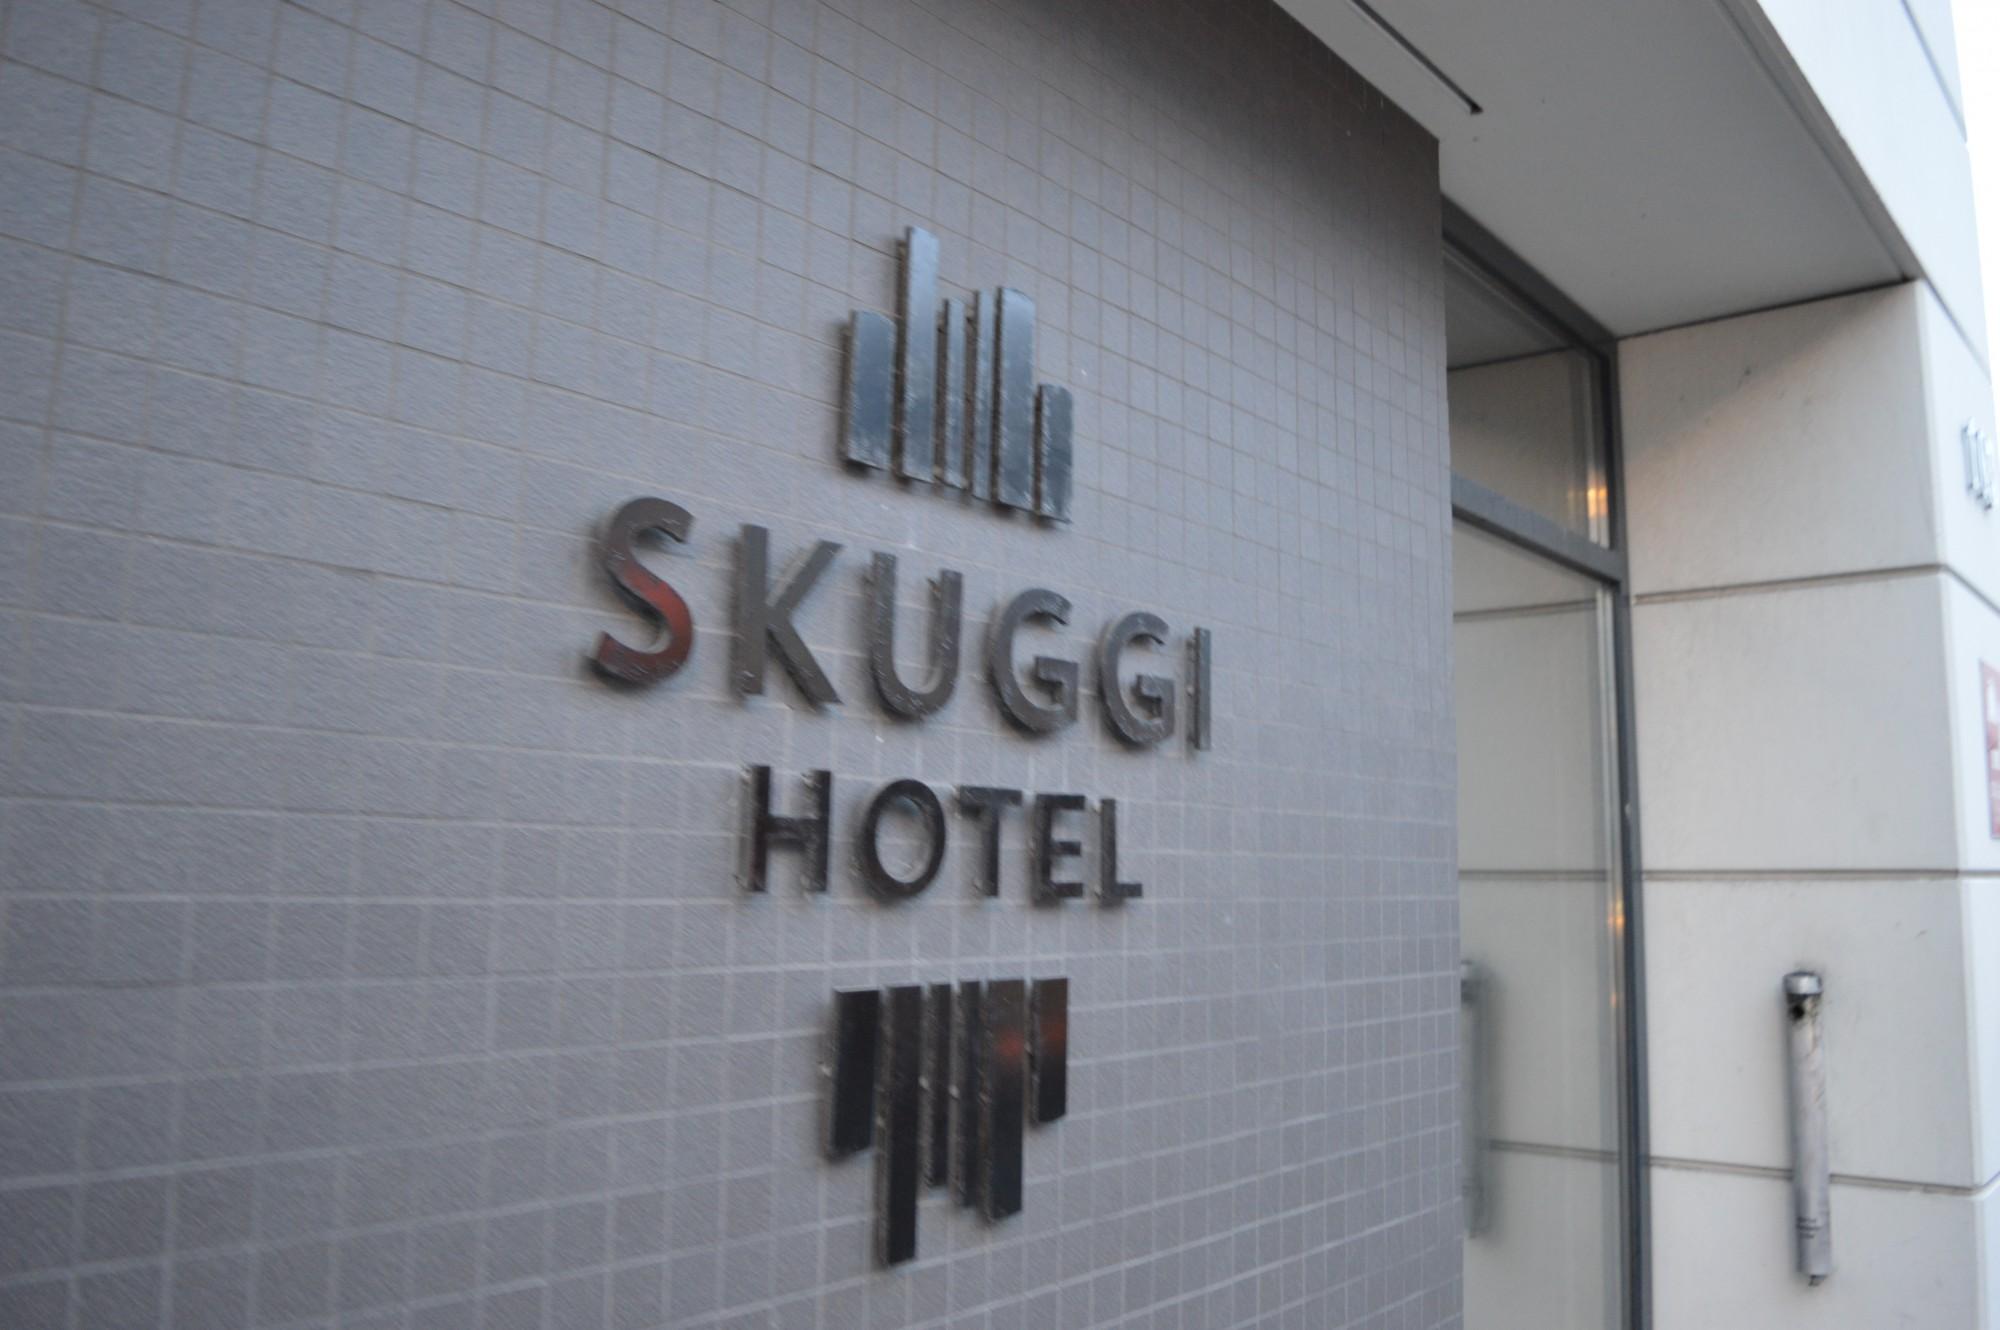 Skuggi hotel, Reykjavik